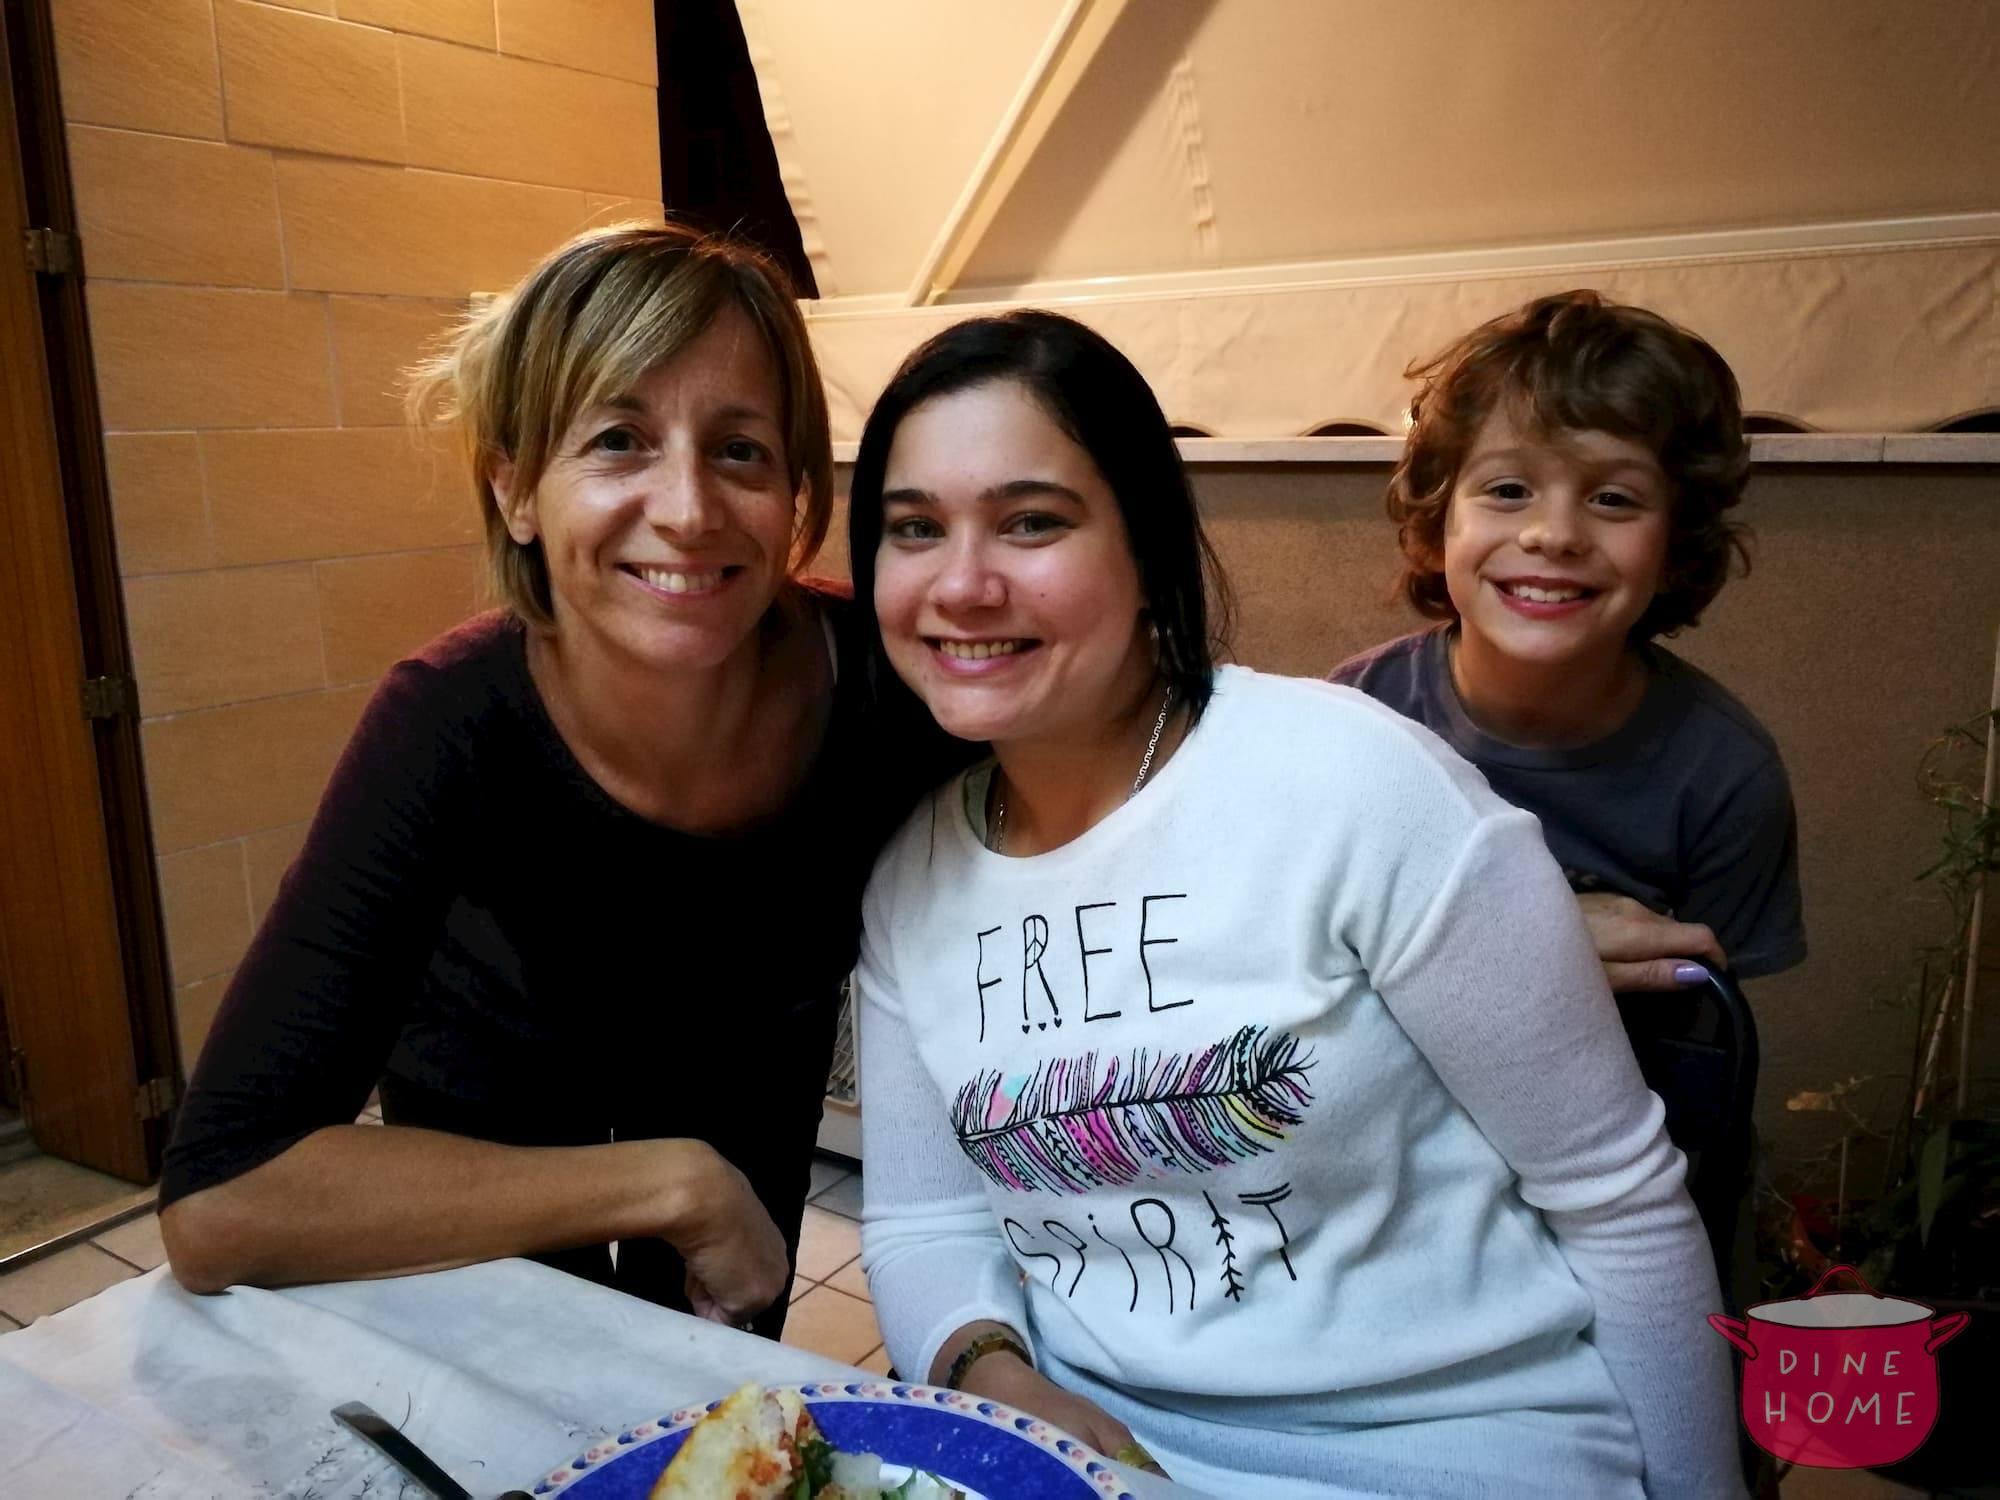 Eshraq, studentessa Egiziana, a cena dalla sua famiglia Dinehome.